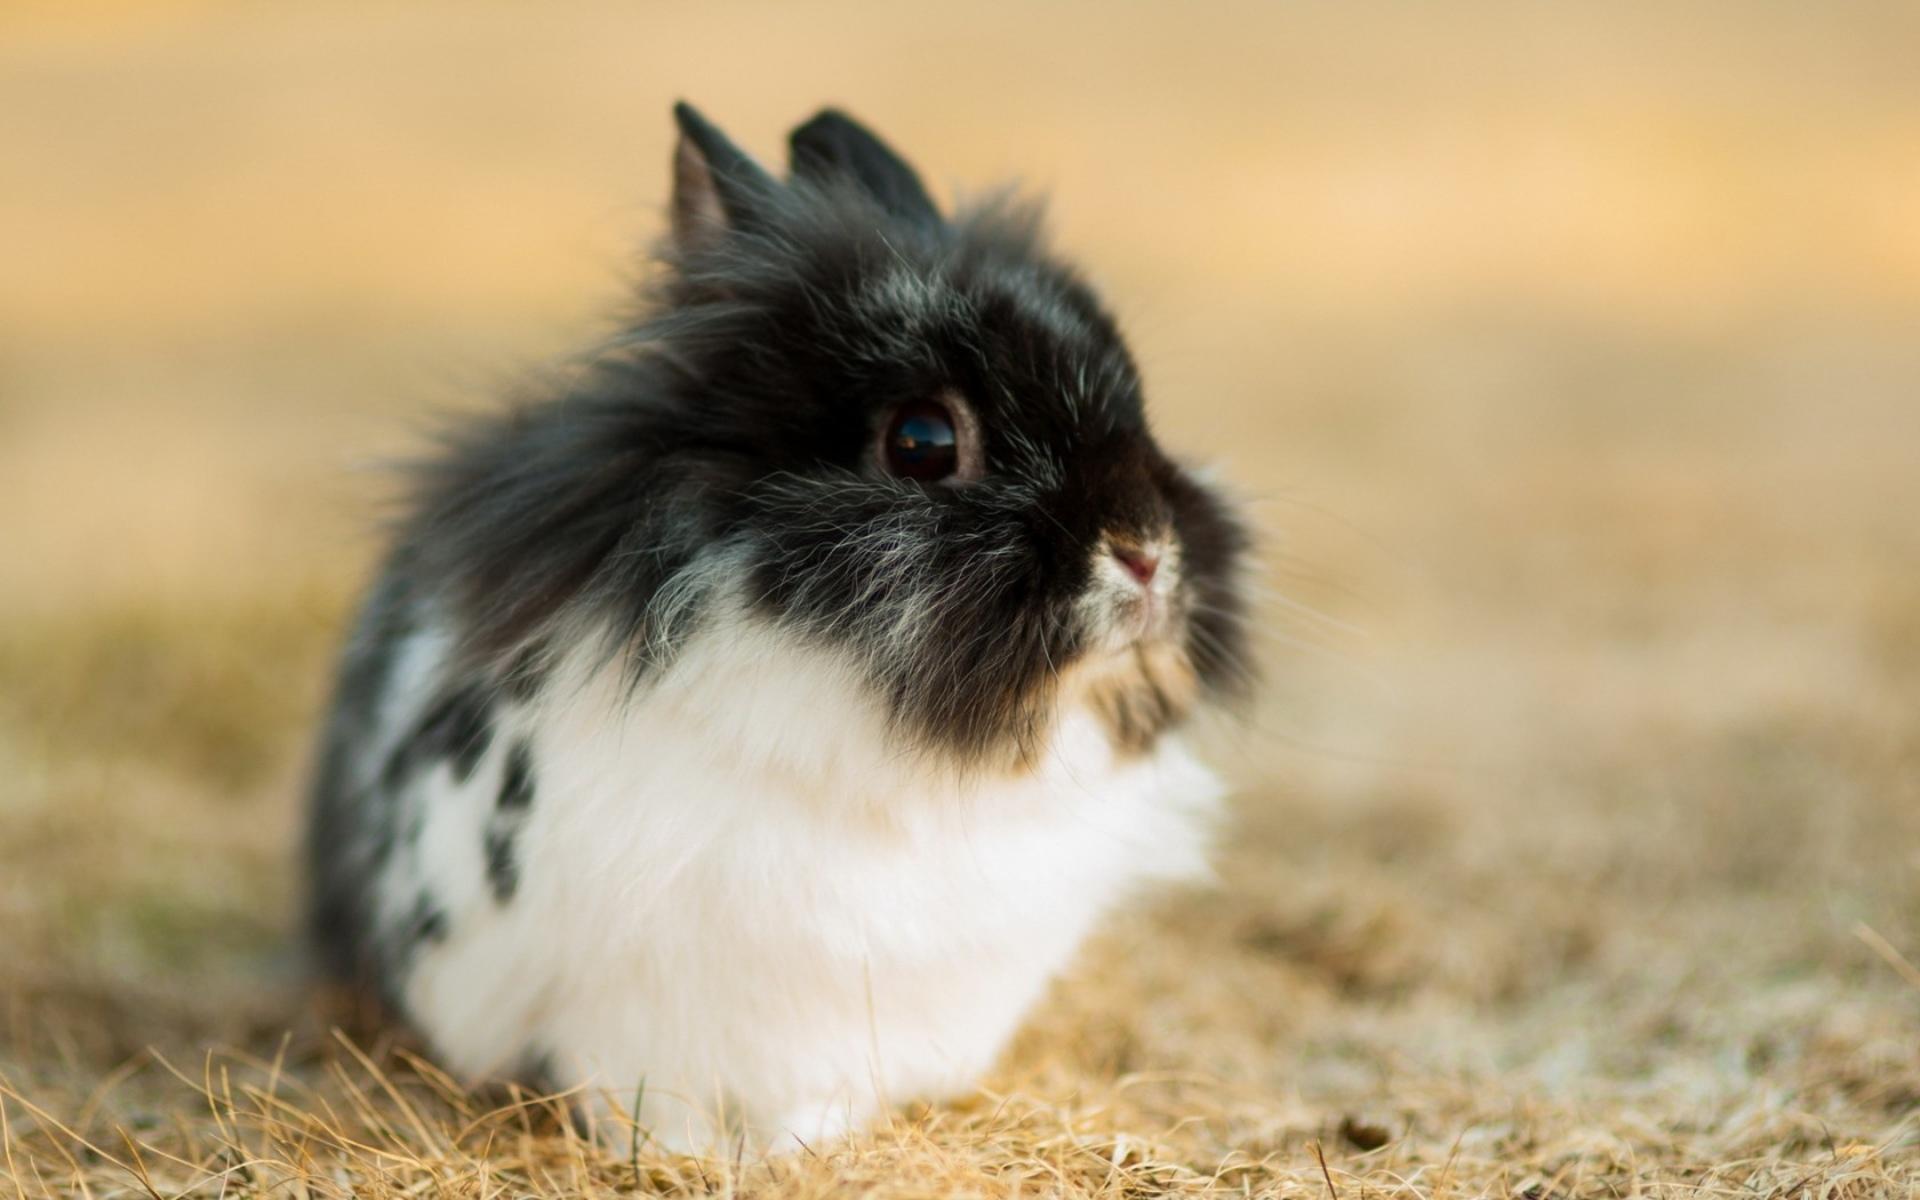 природа животное кролик  № 1593174 загрузить